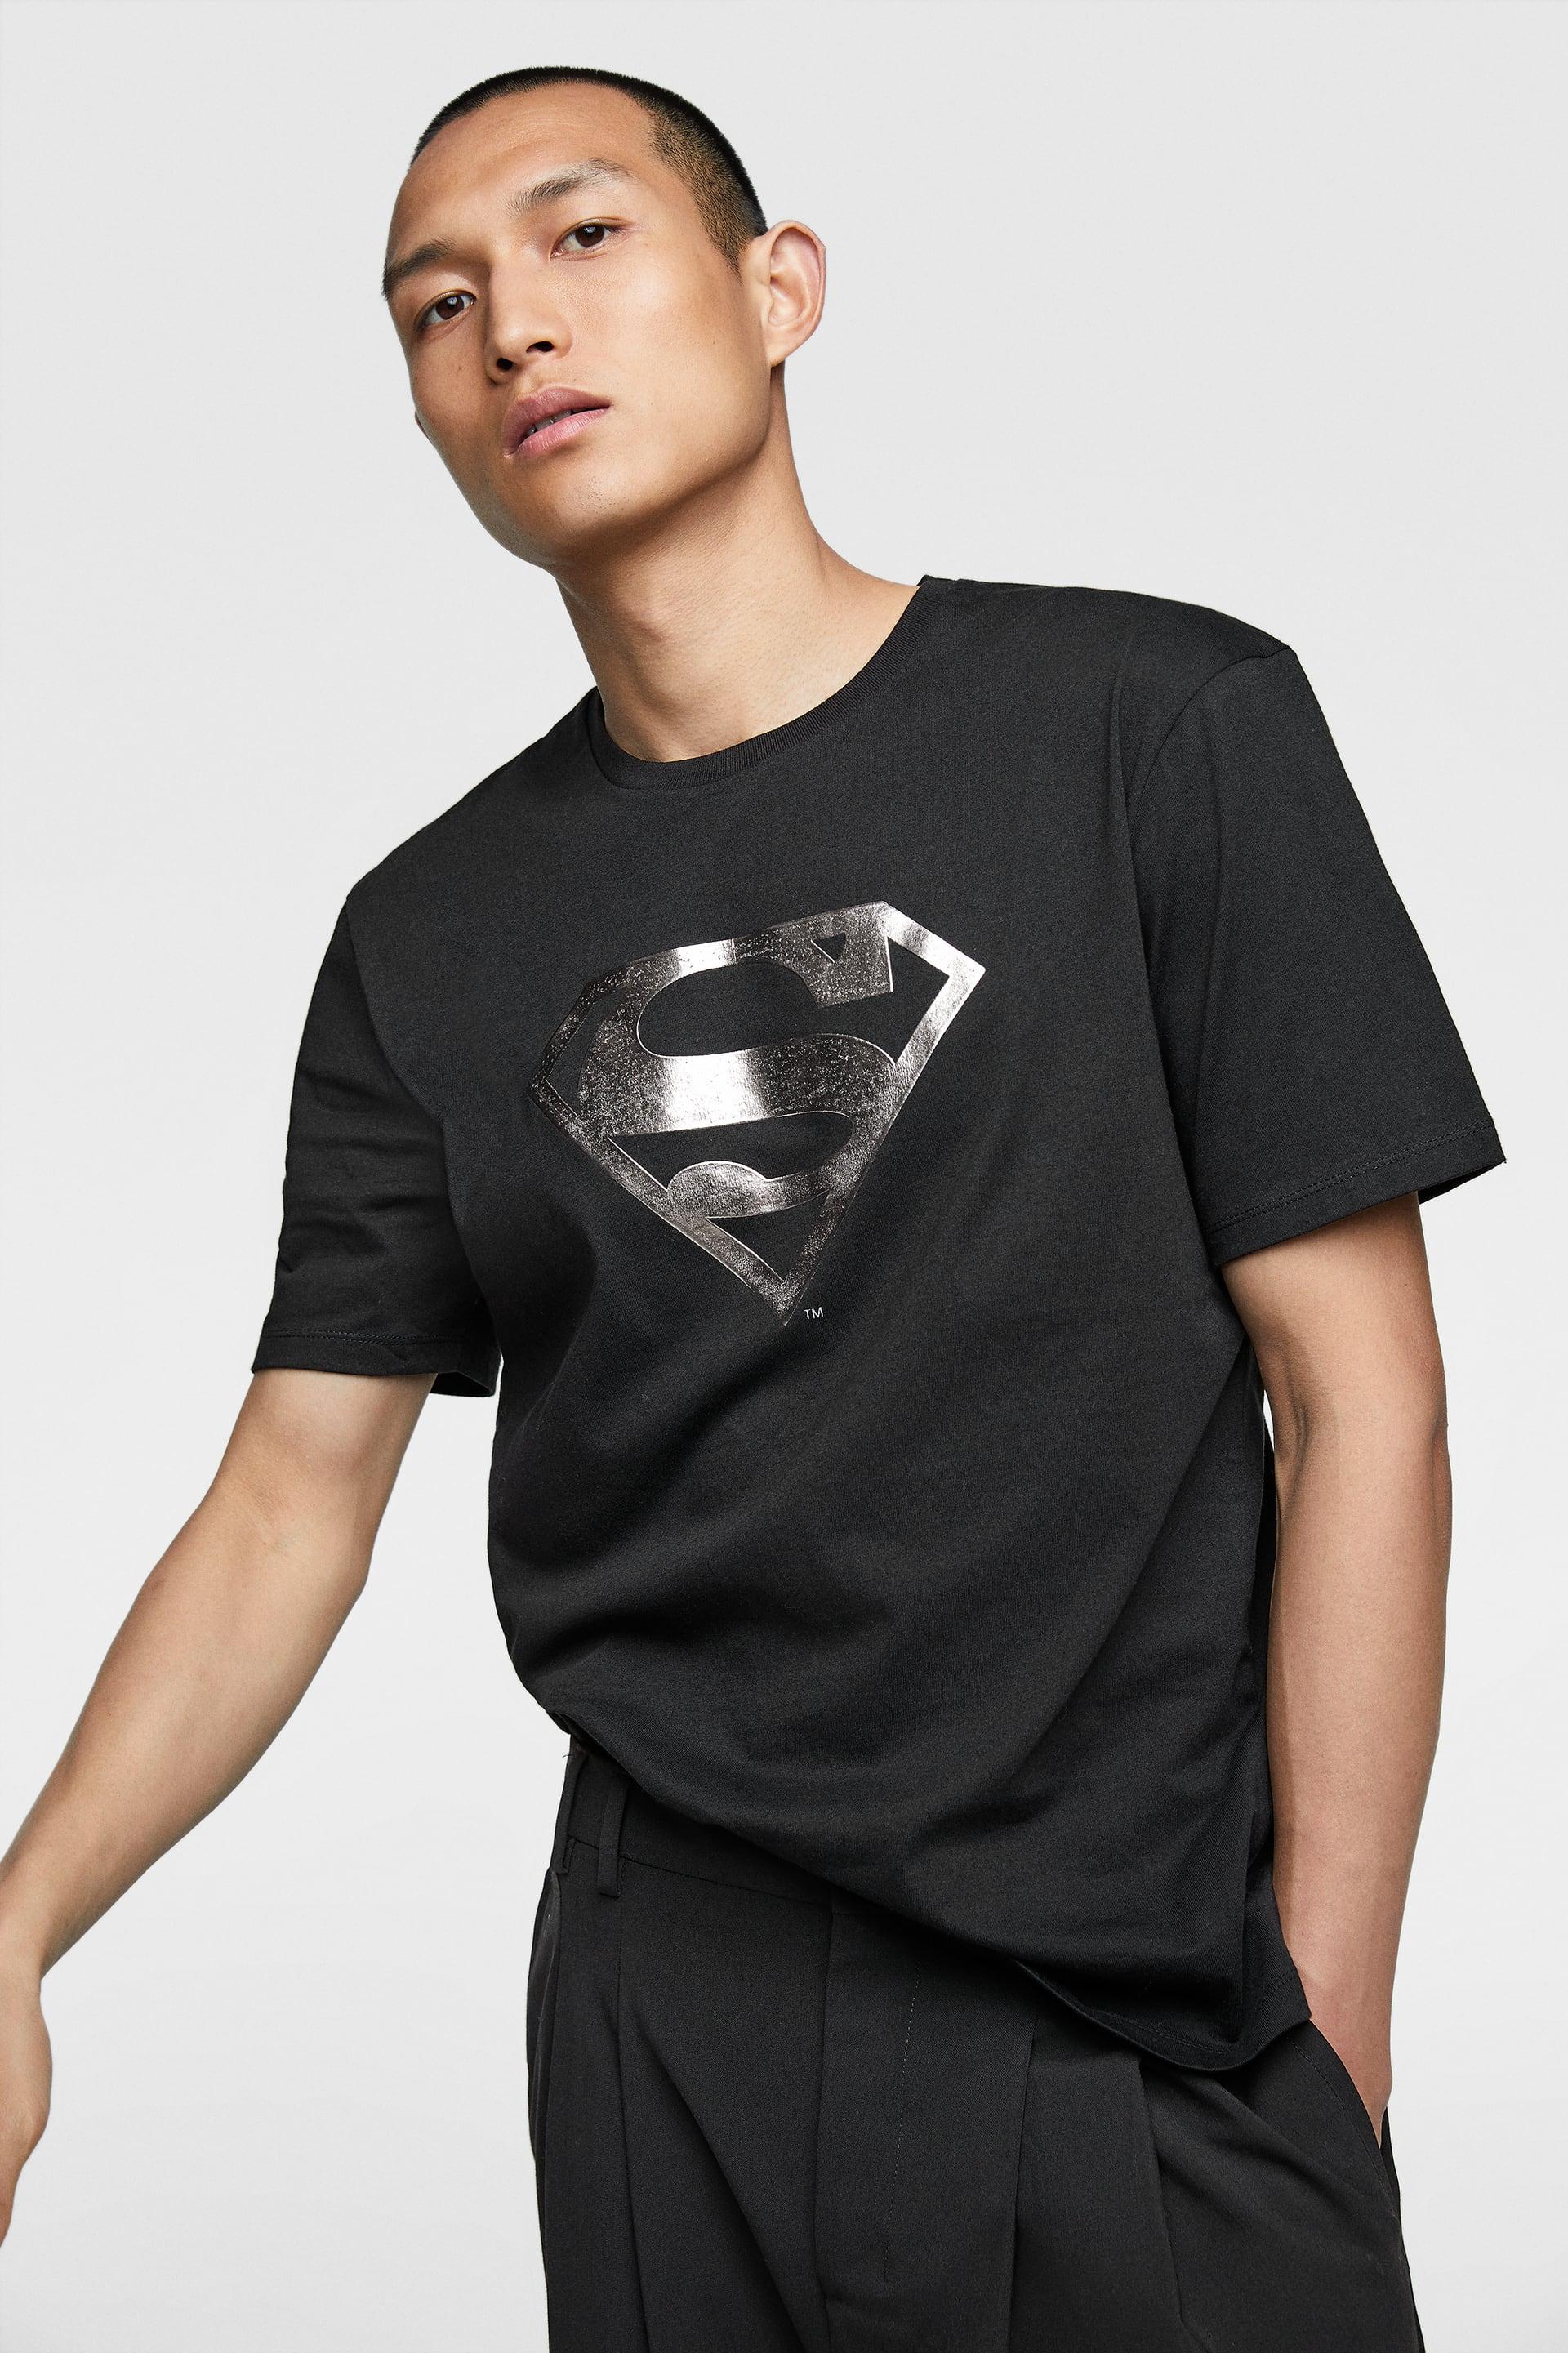 6c839d5e1d4a Obrázok 2 z TRIČKO SUPERMAN™ od spoločnosti Zara